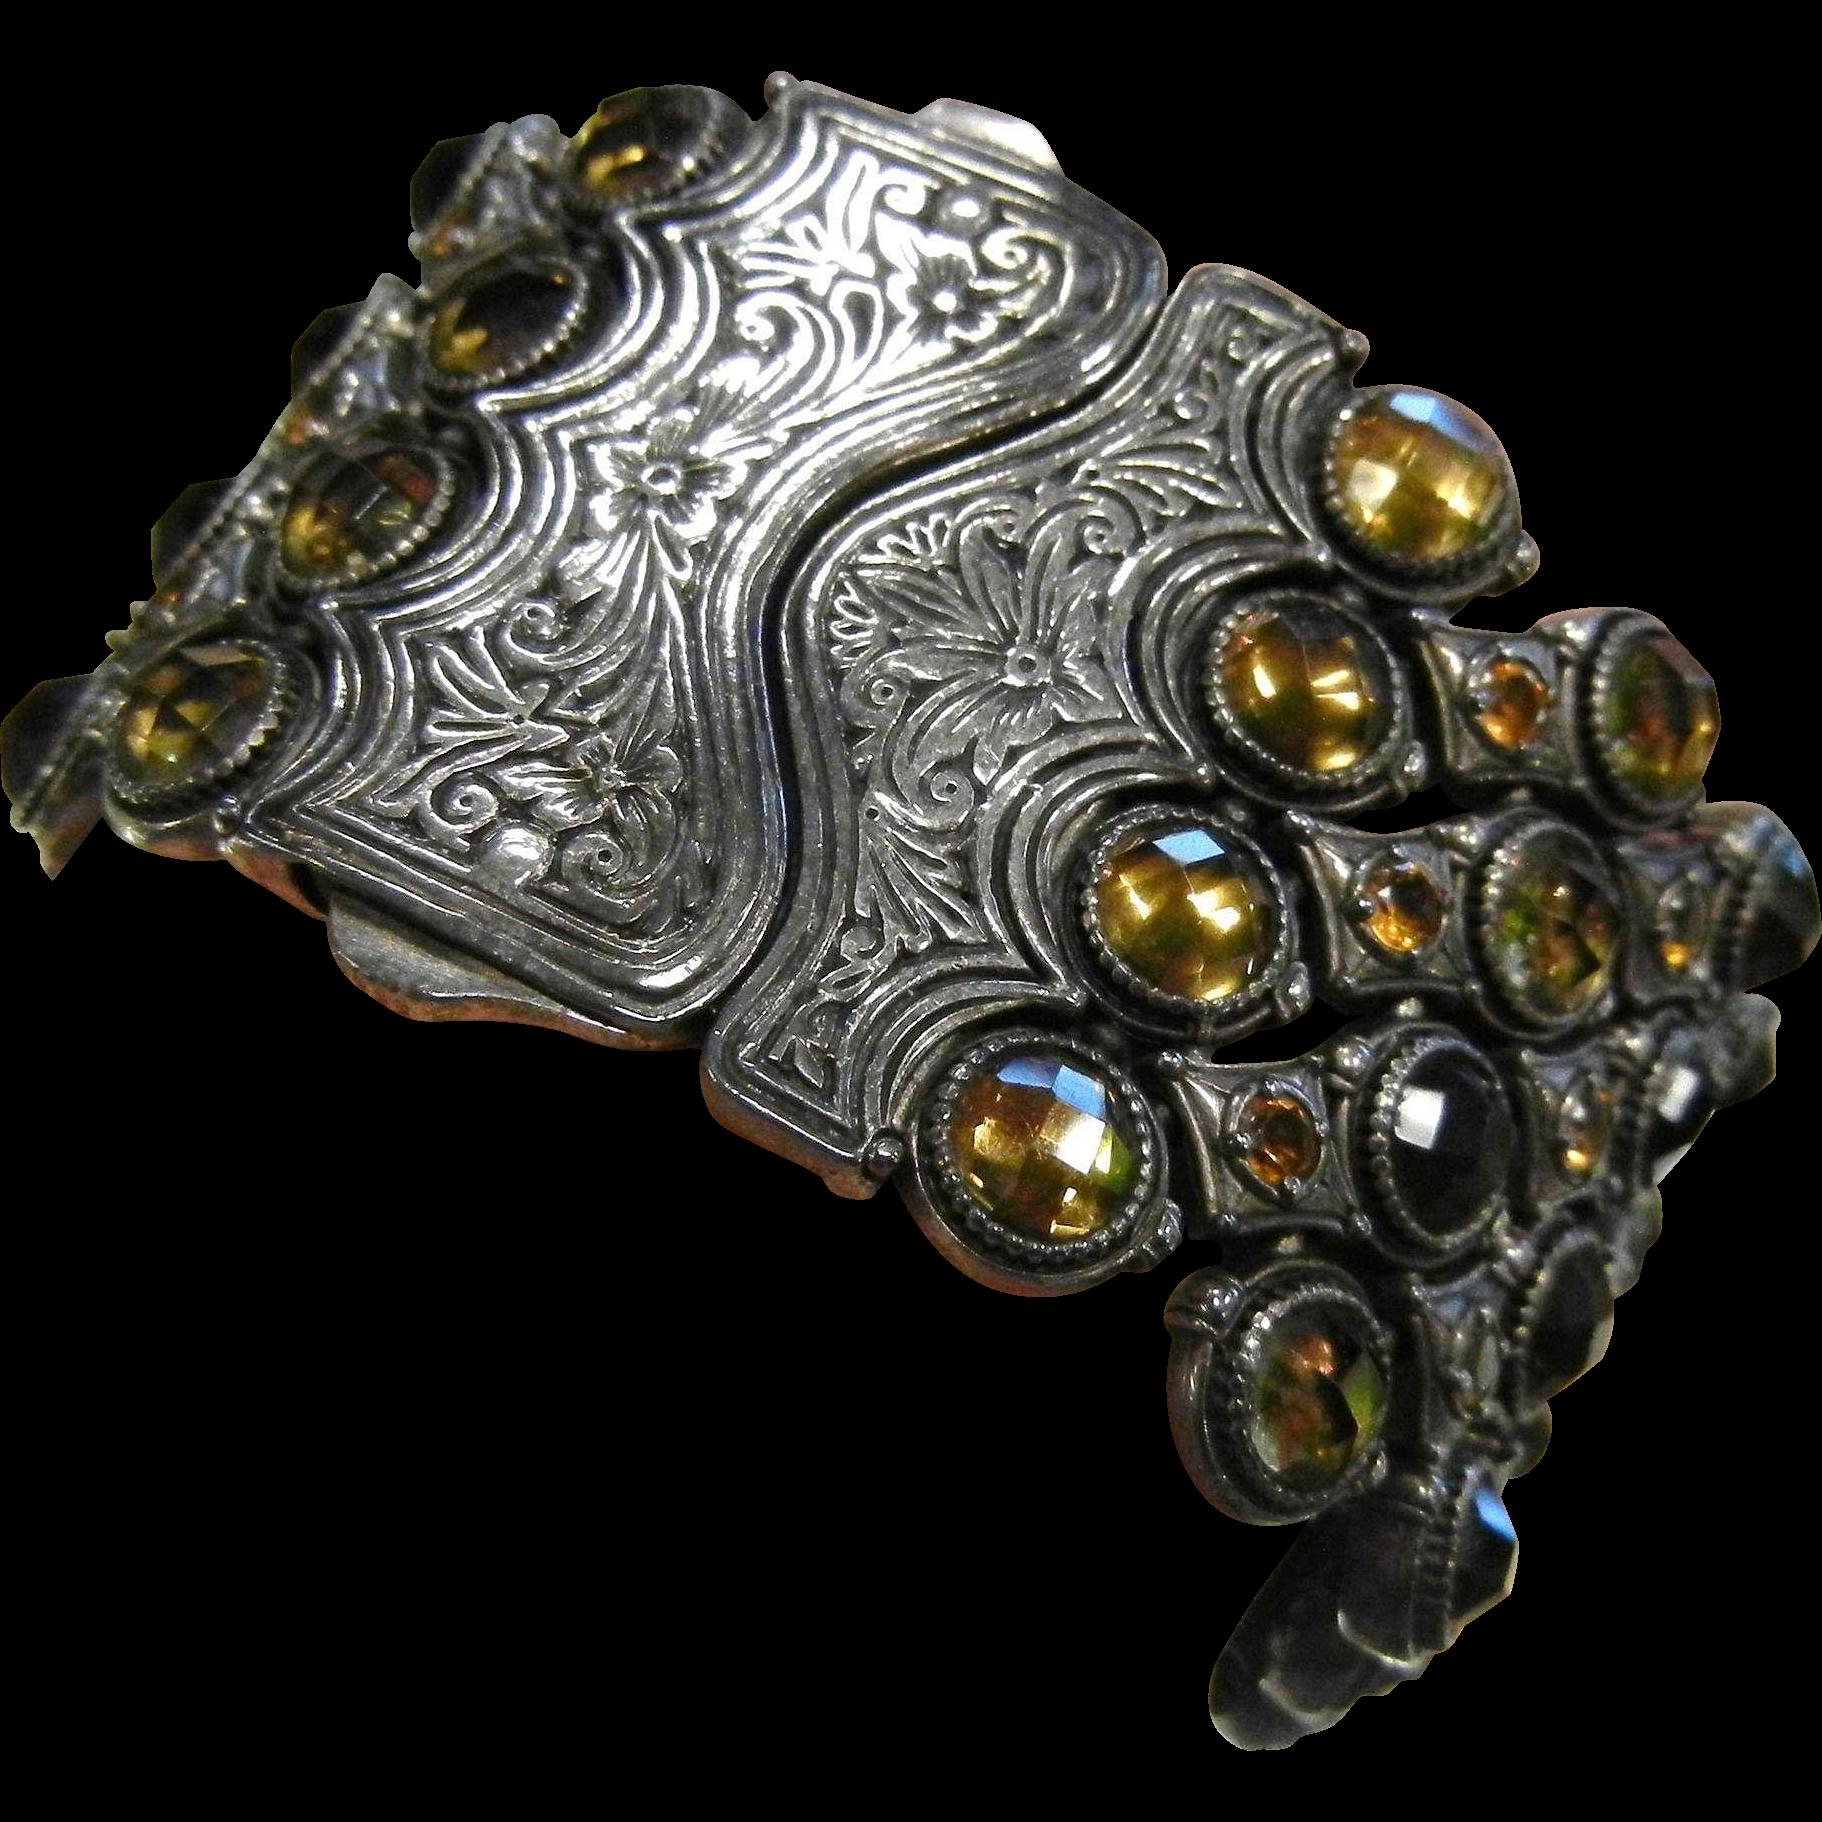 Fabulous Designer Signed KONSTANTINO Etched 4 Strand Sterling Silver Bracelet w/ Citrine Gemstones